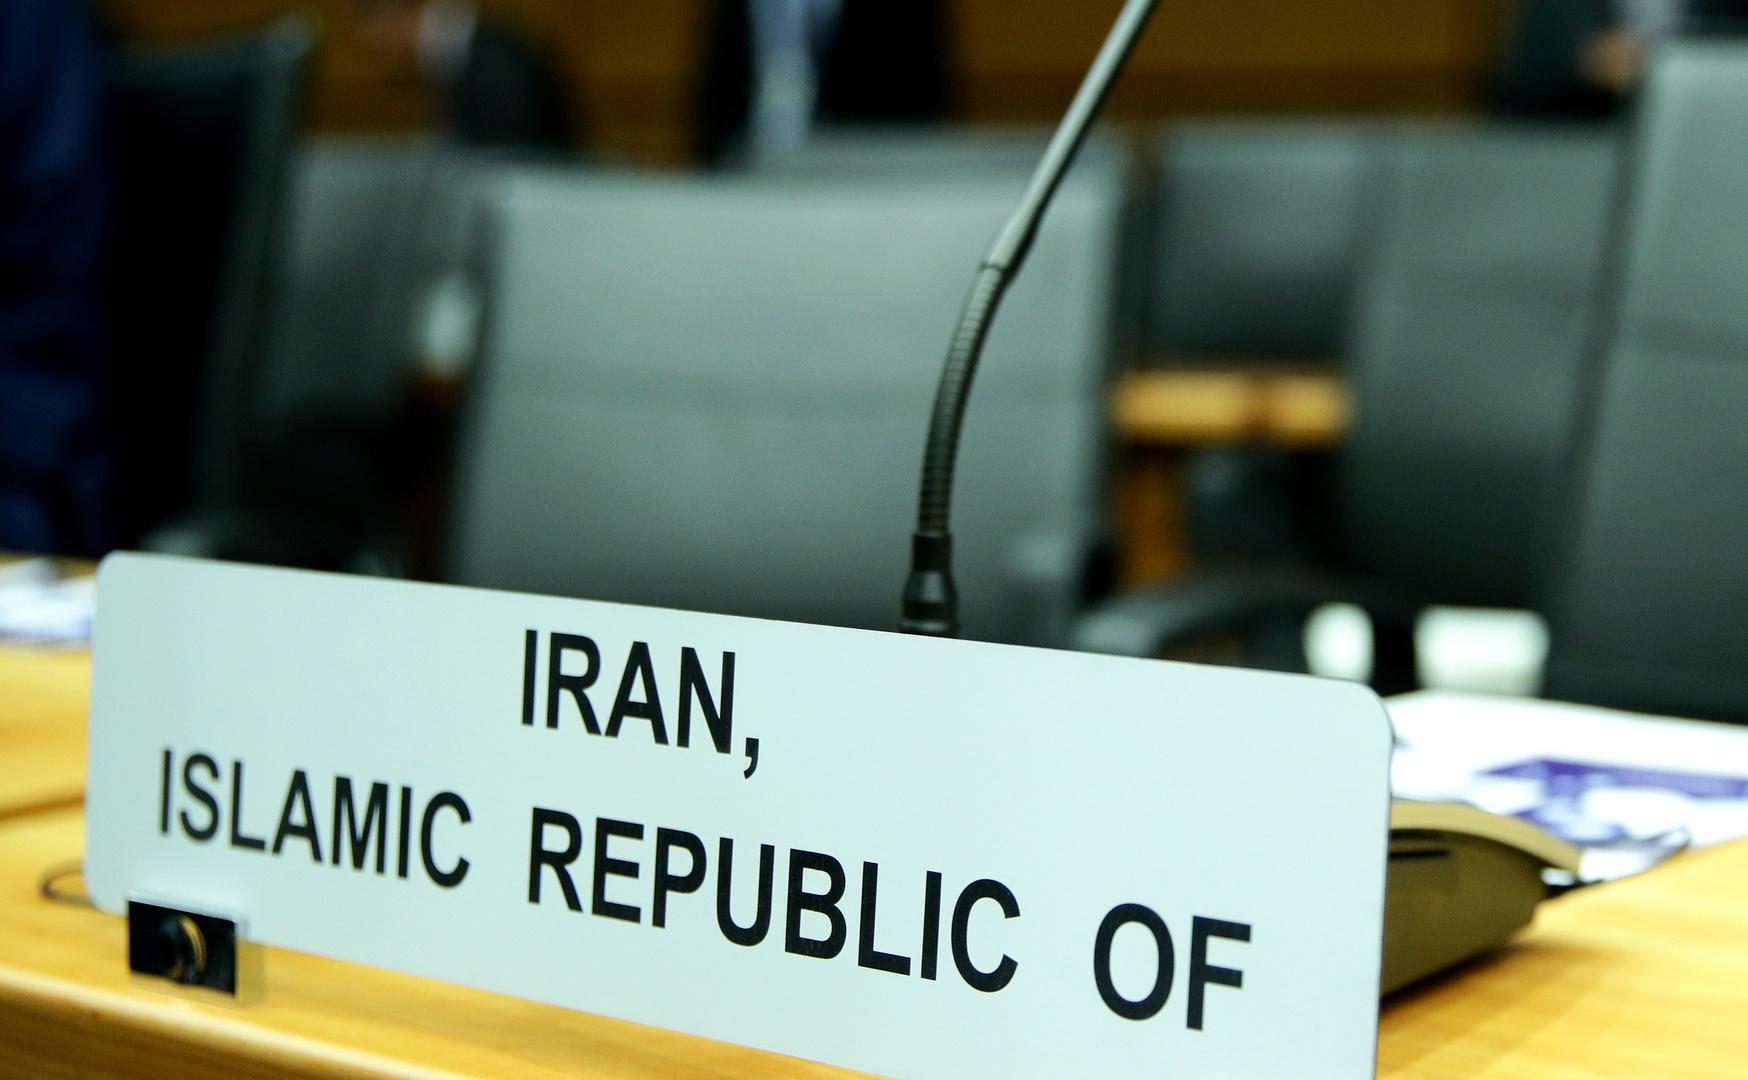 السعودية وإيران تتبادلان انتقادات بشأن برنامجيهما النوويين